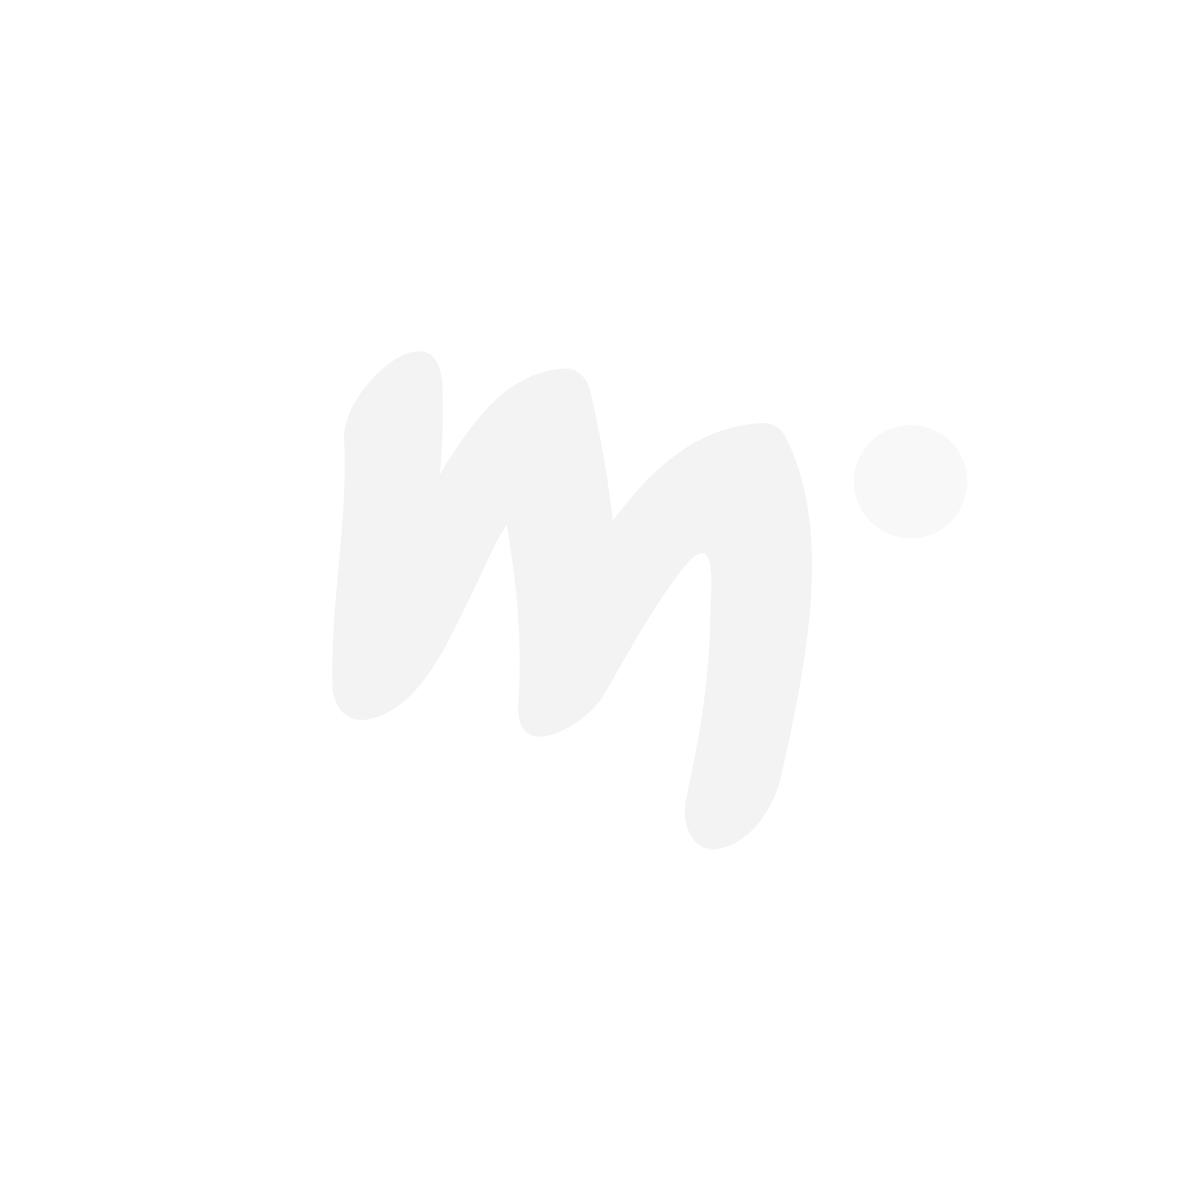 Moomin Vinssi+ Pouch Hattifattener